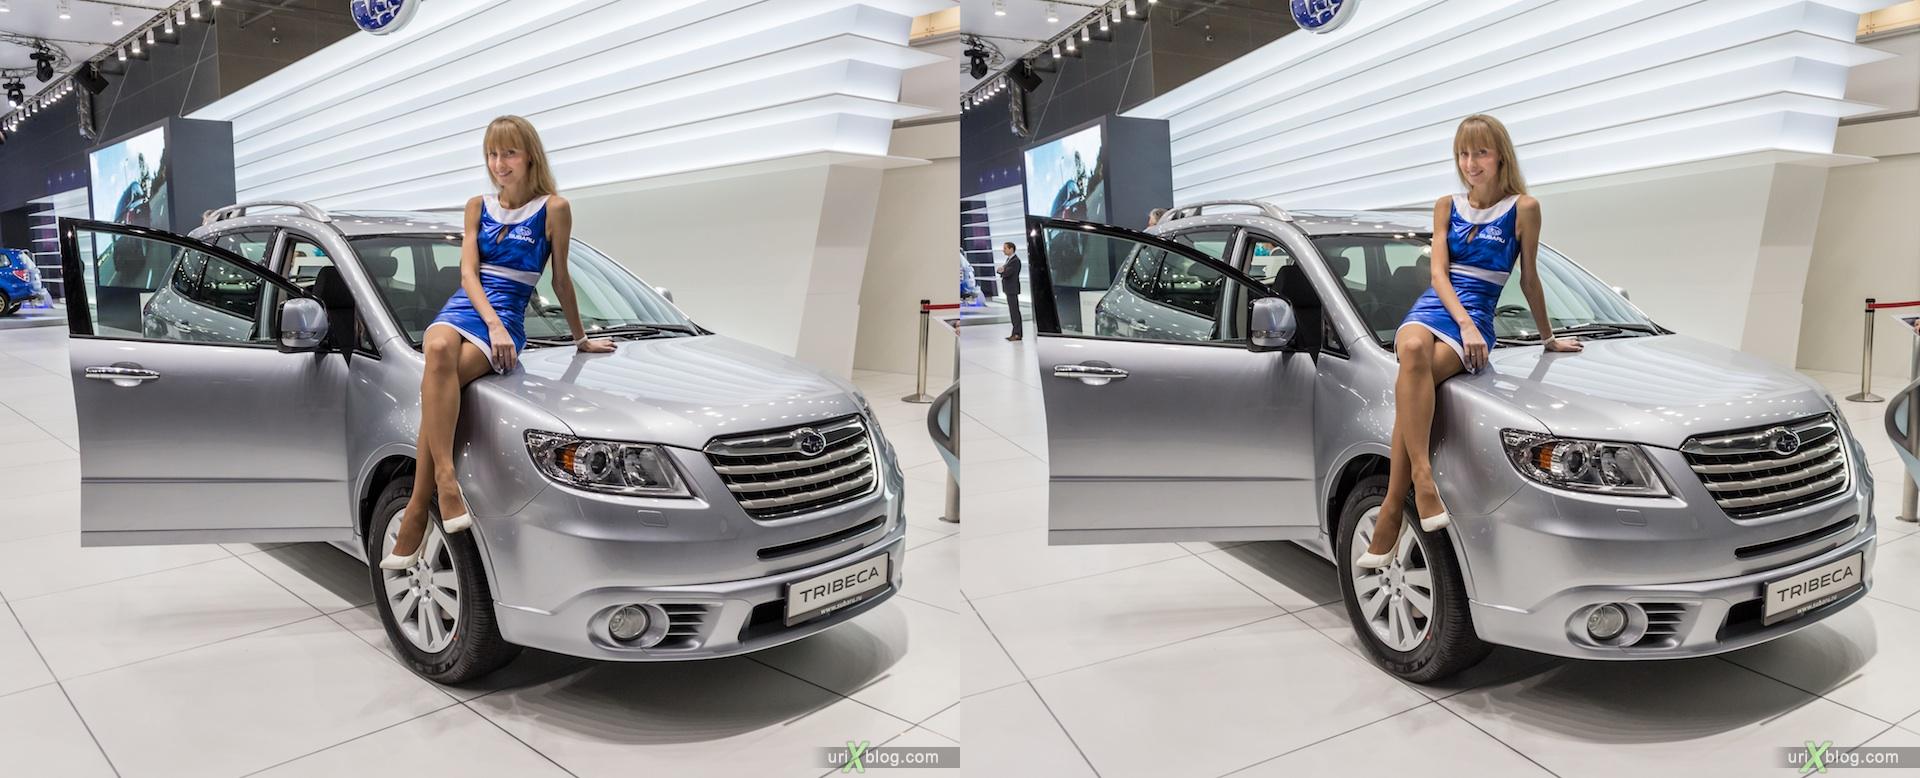 2012, Subaru Tribeca, девушка, модель, girl, model, Московский международный автомобильный салон, ММАС, Крокус Экспо, 3D, стерео, стереопара